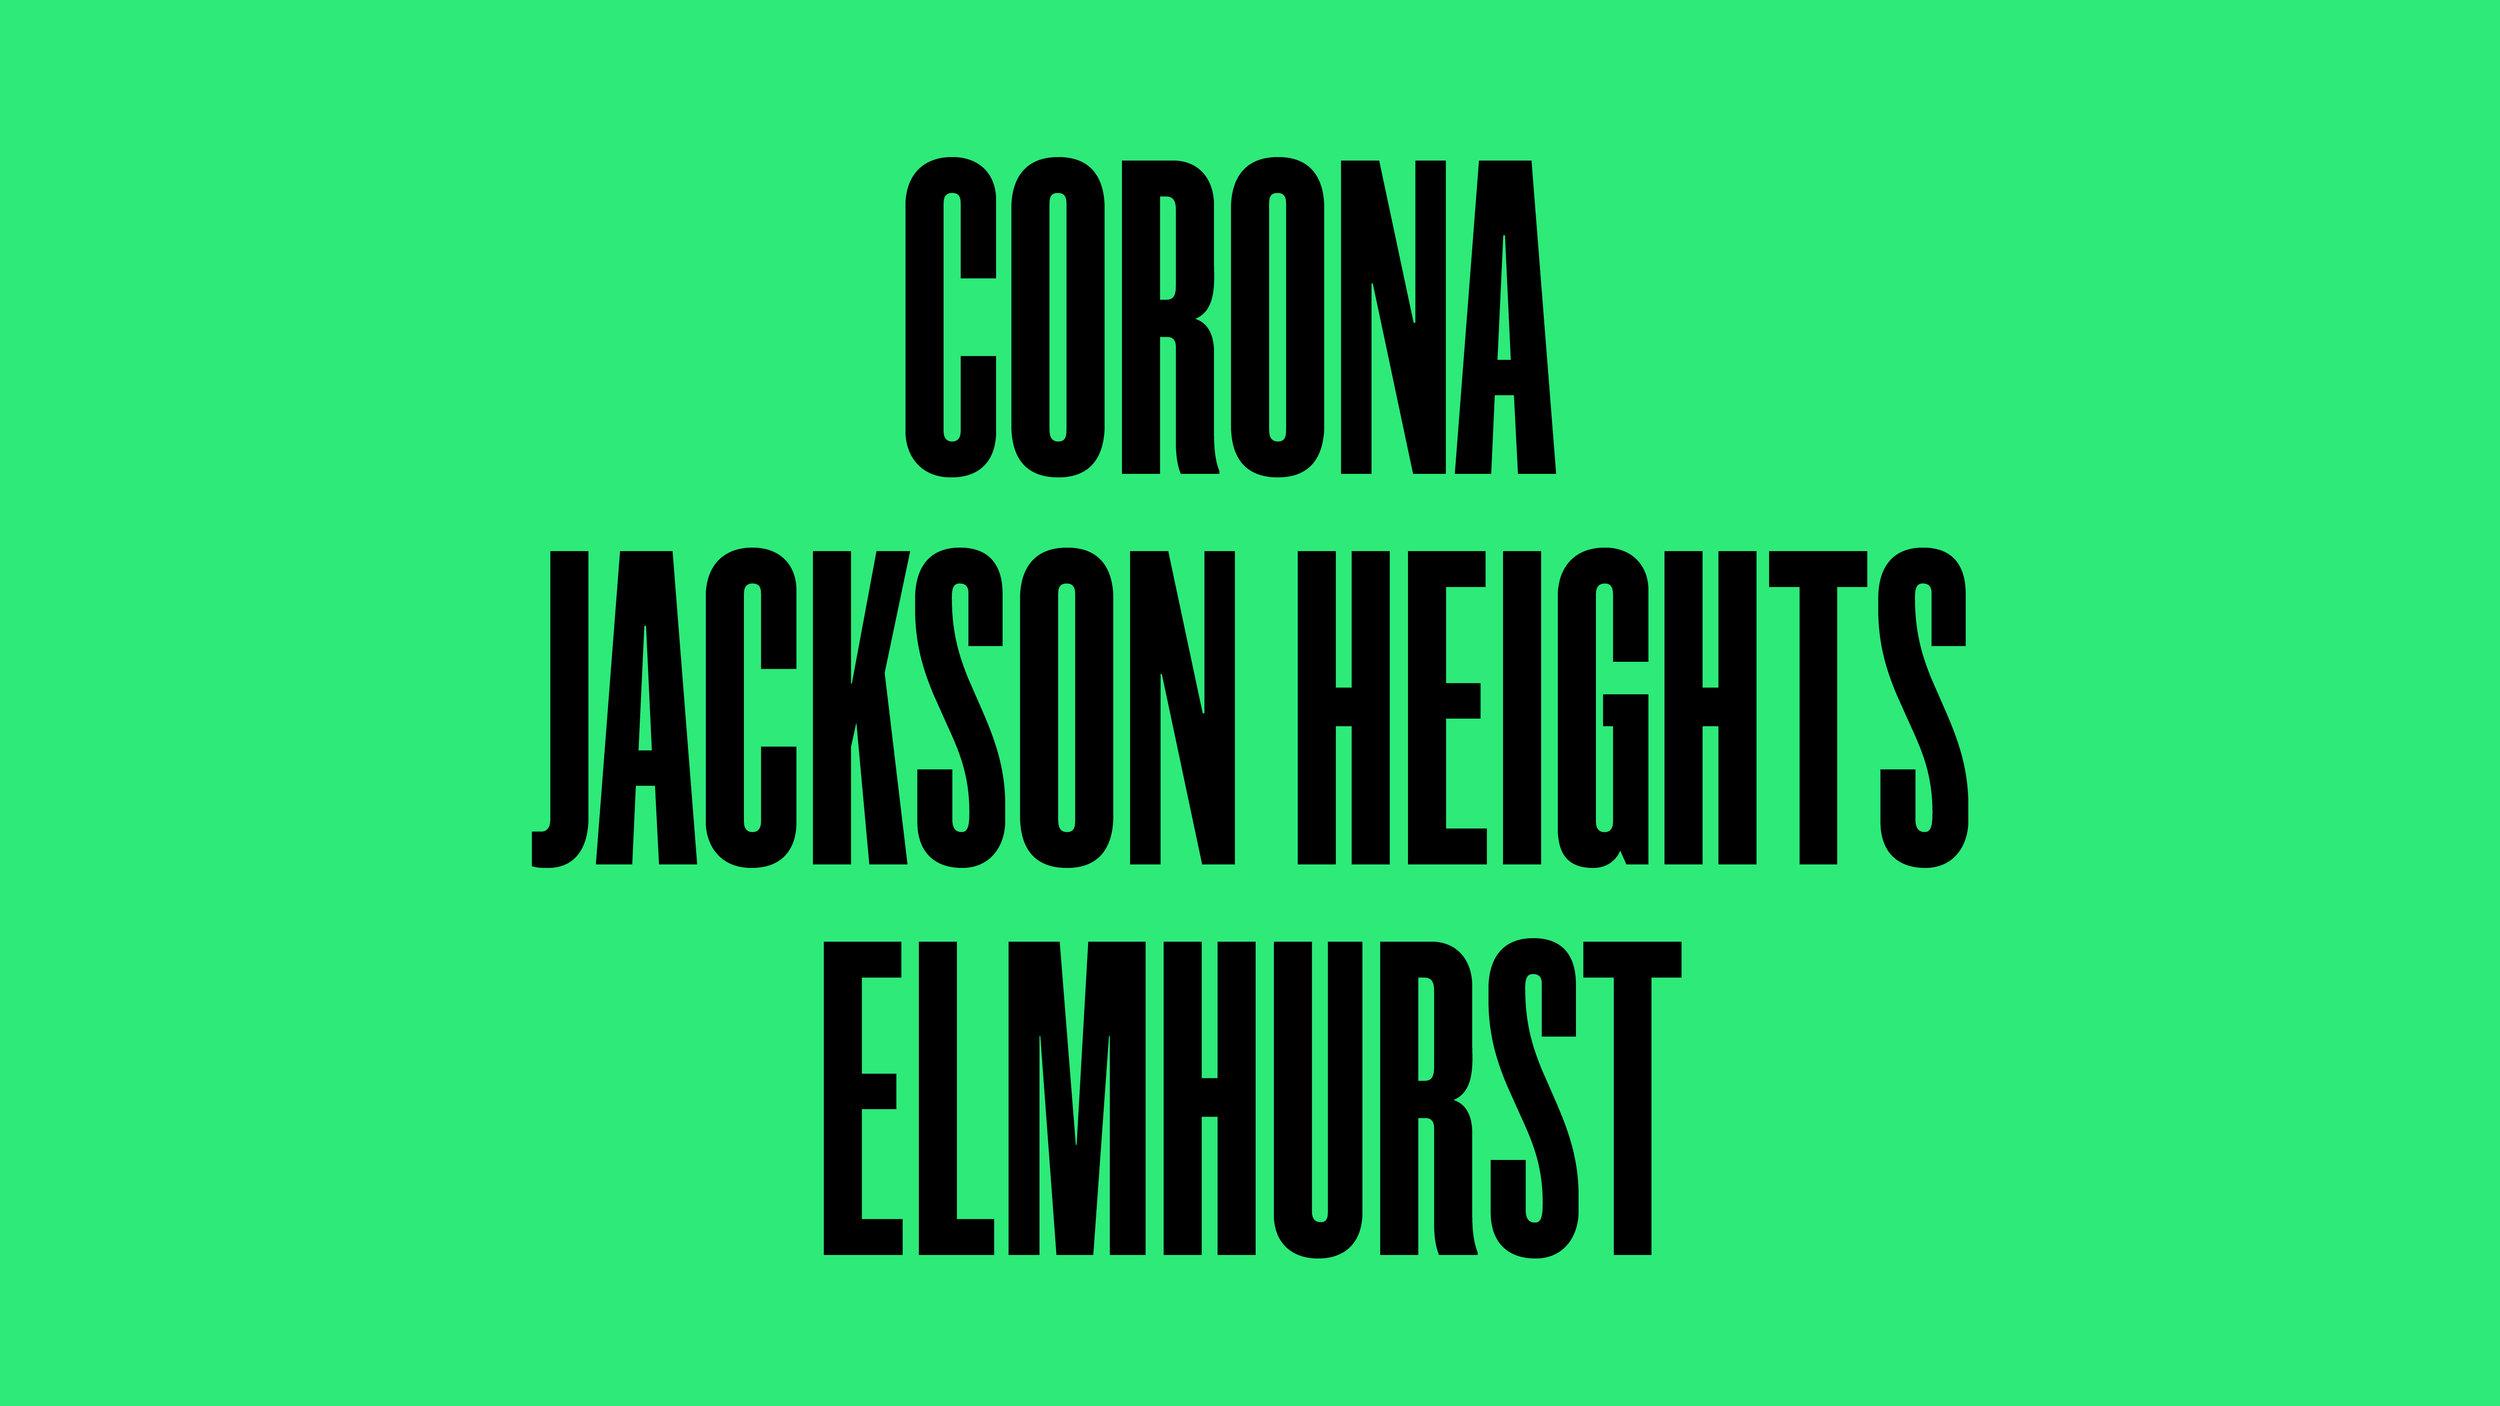 Neighborhoods@3x-100.jpg